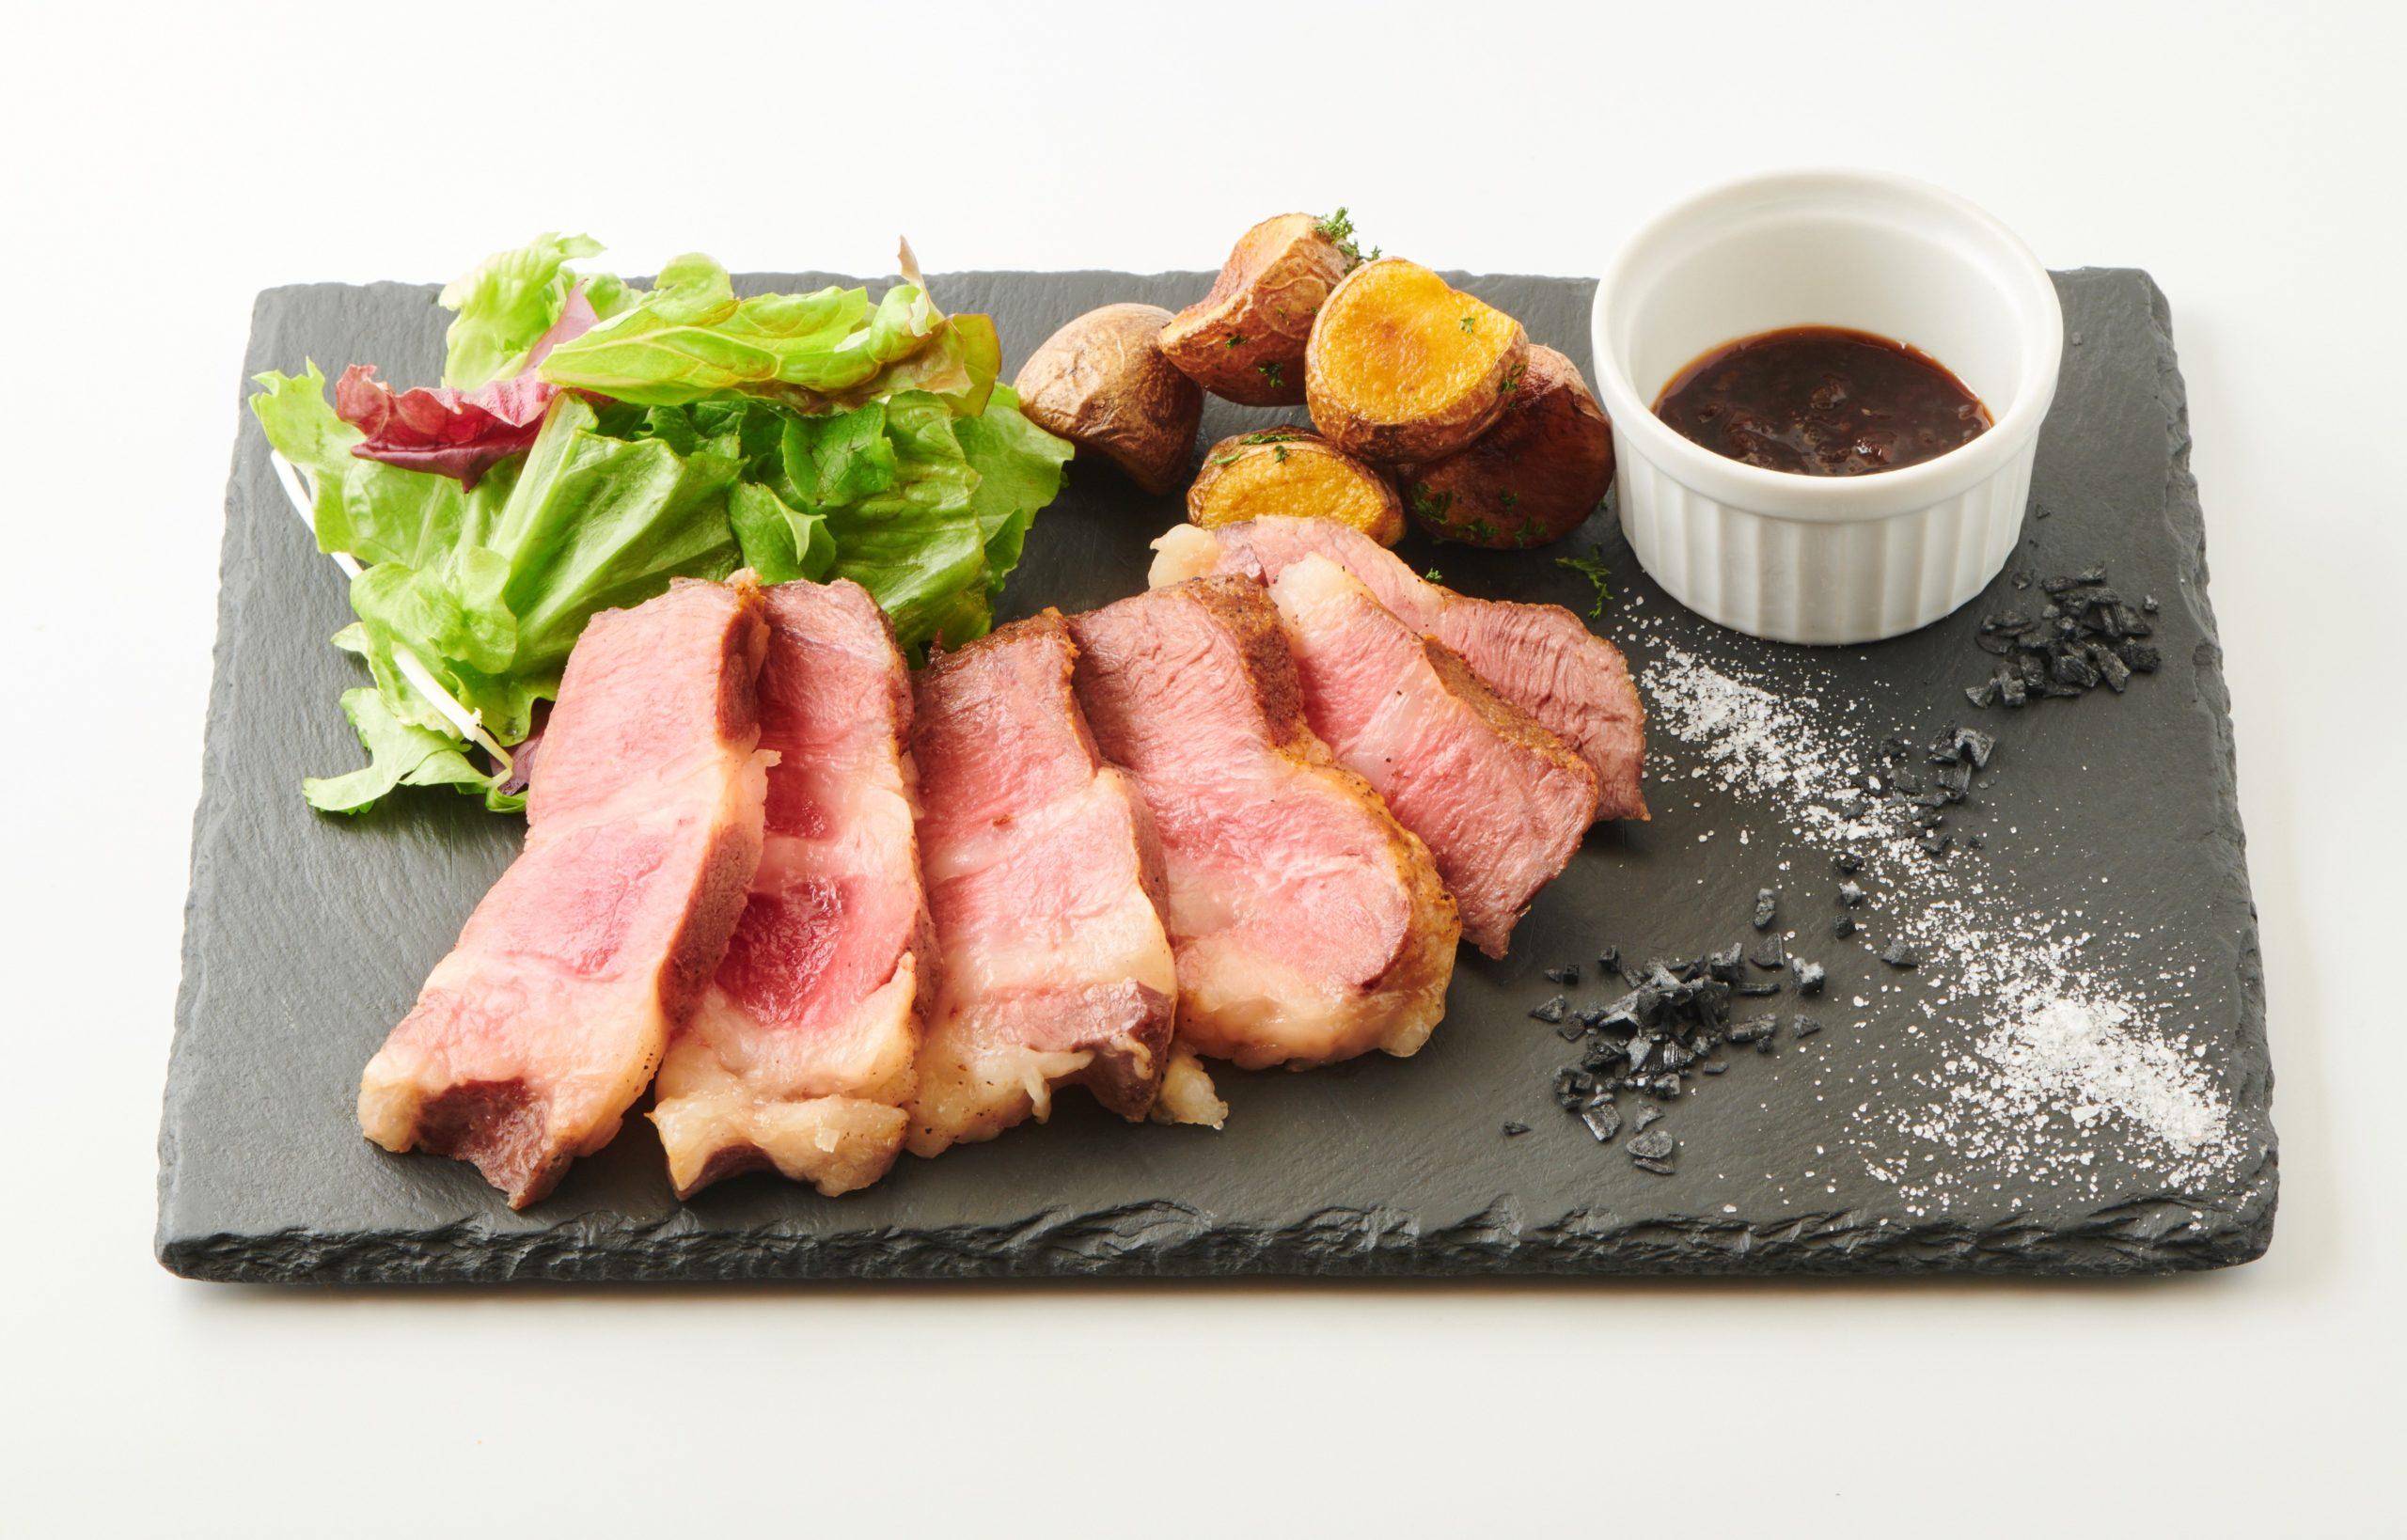 スペイン産イベリコ豚のステーキ200g